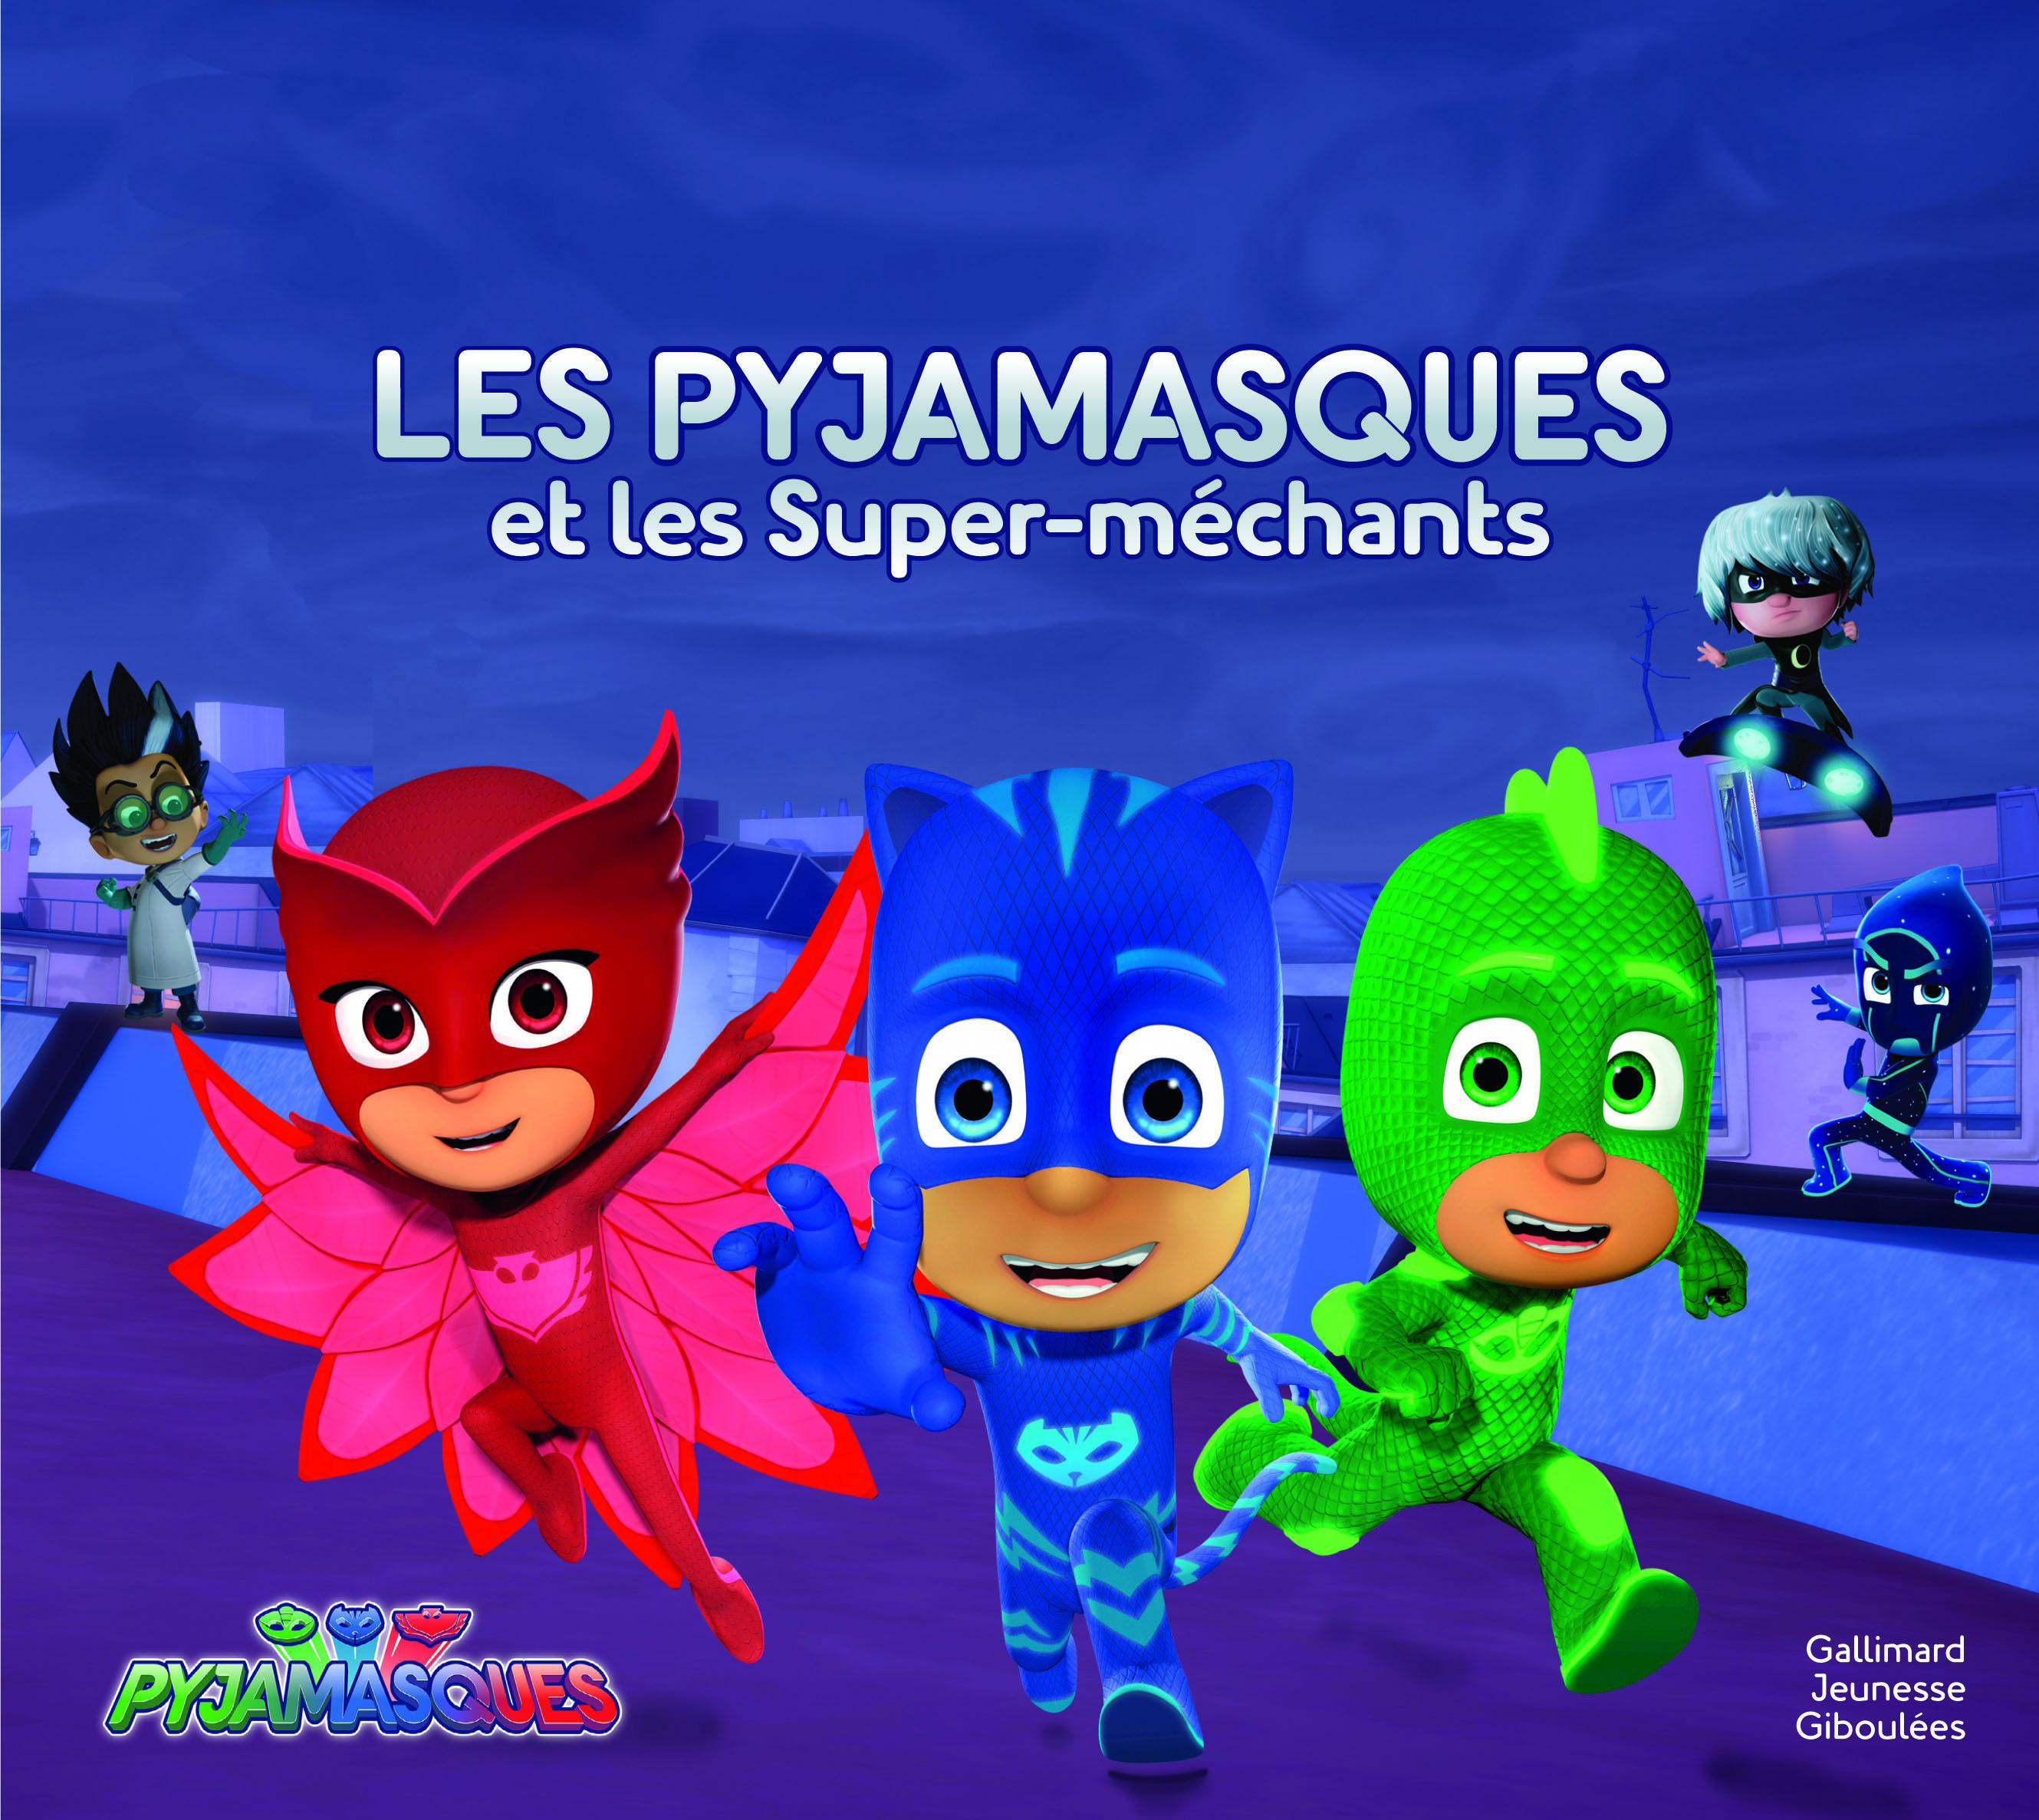 Les Pyjamasques et les Super-méchants